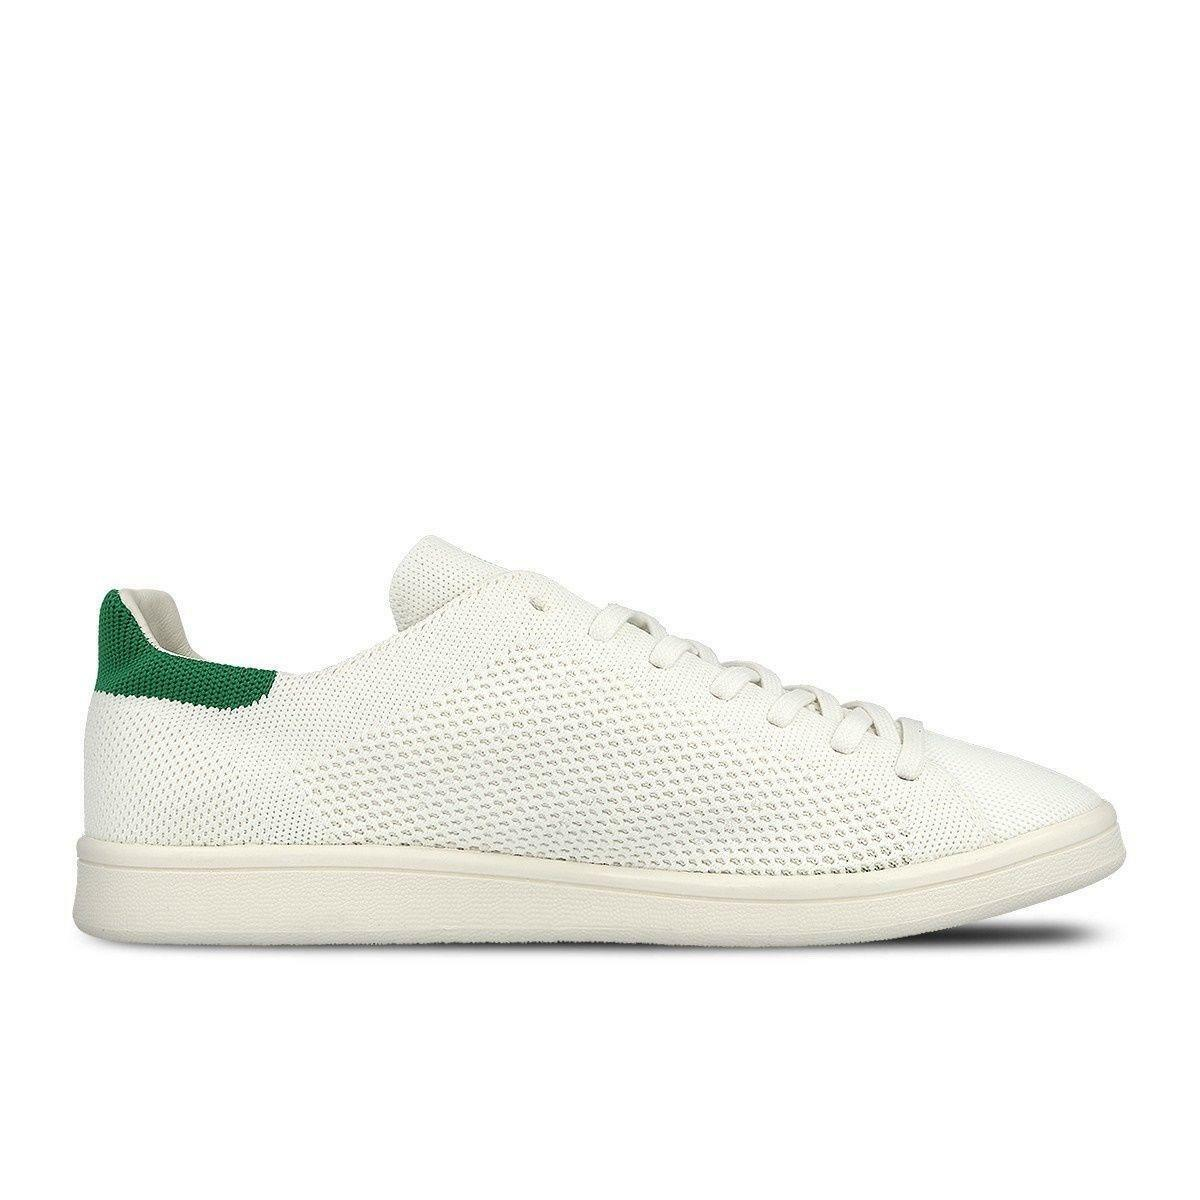 Herren Adidas Stan Smith OG Packung weiß grün Turnschuhe Freizeit S75146